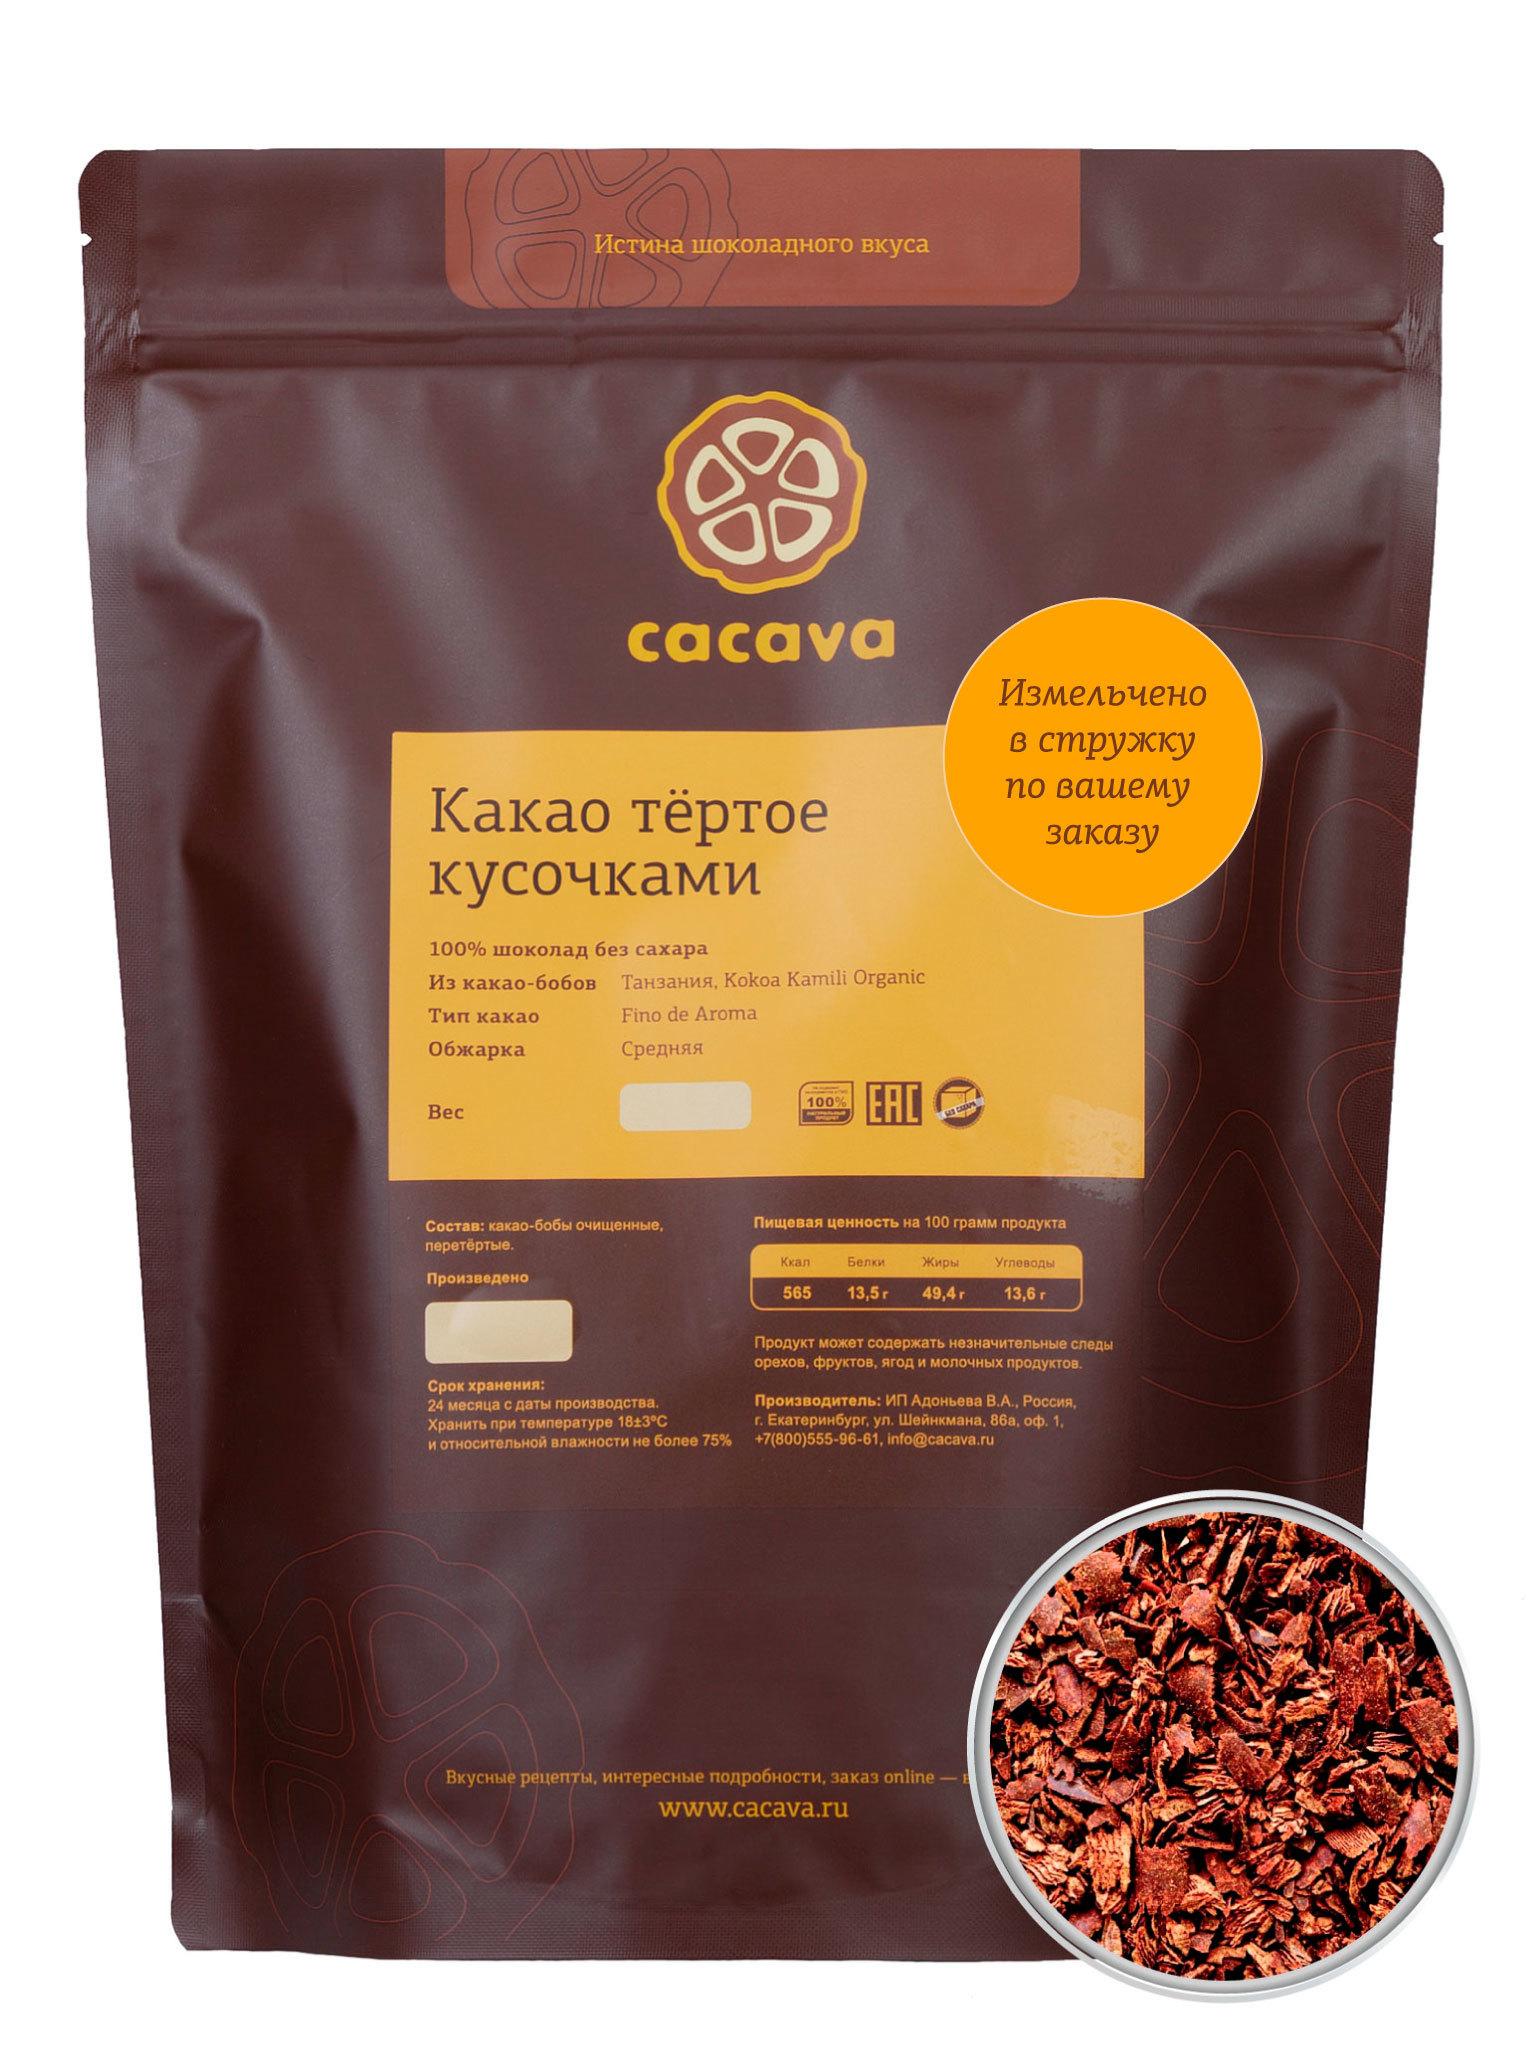 Какао тёртое в стружке (Танзания, Kokoa Kamili), упаковка 1 кг